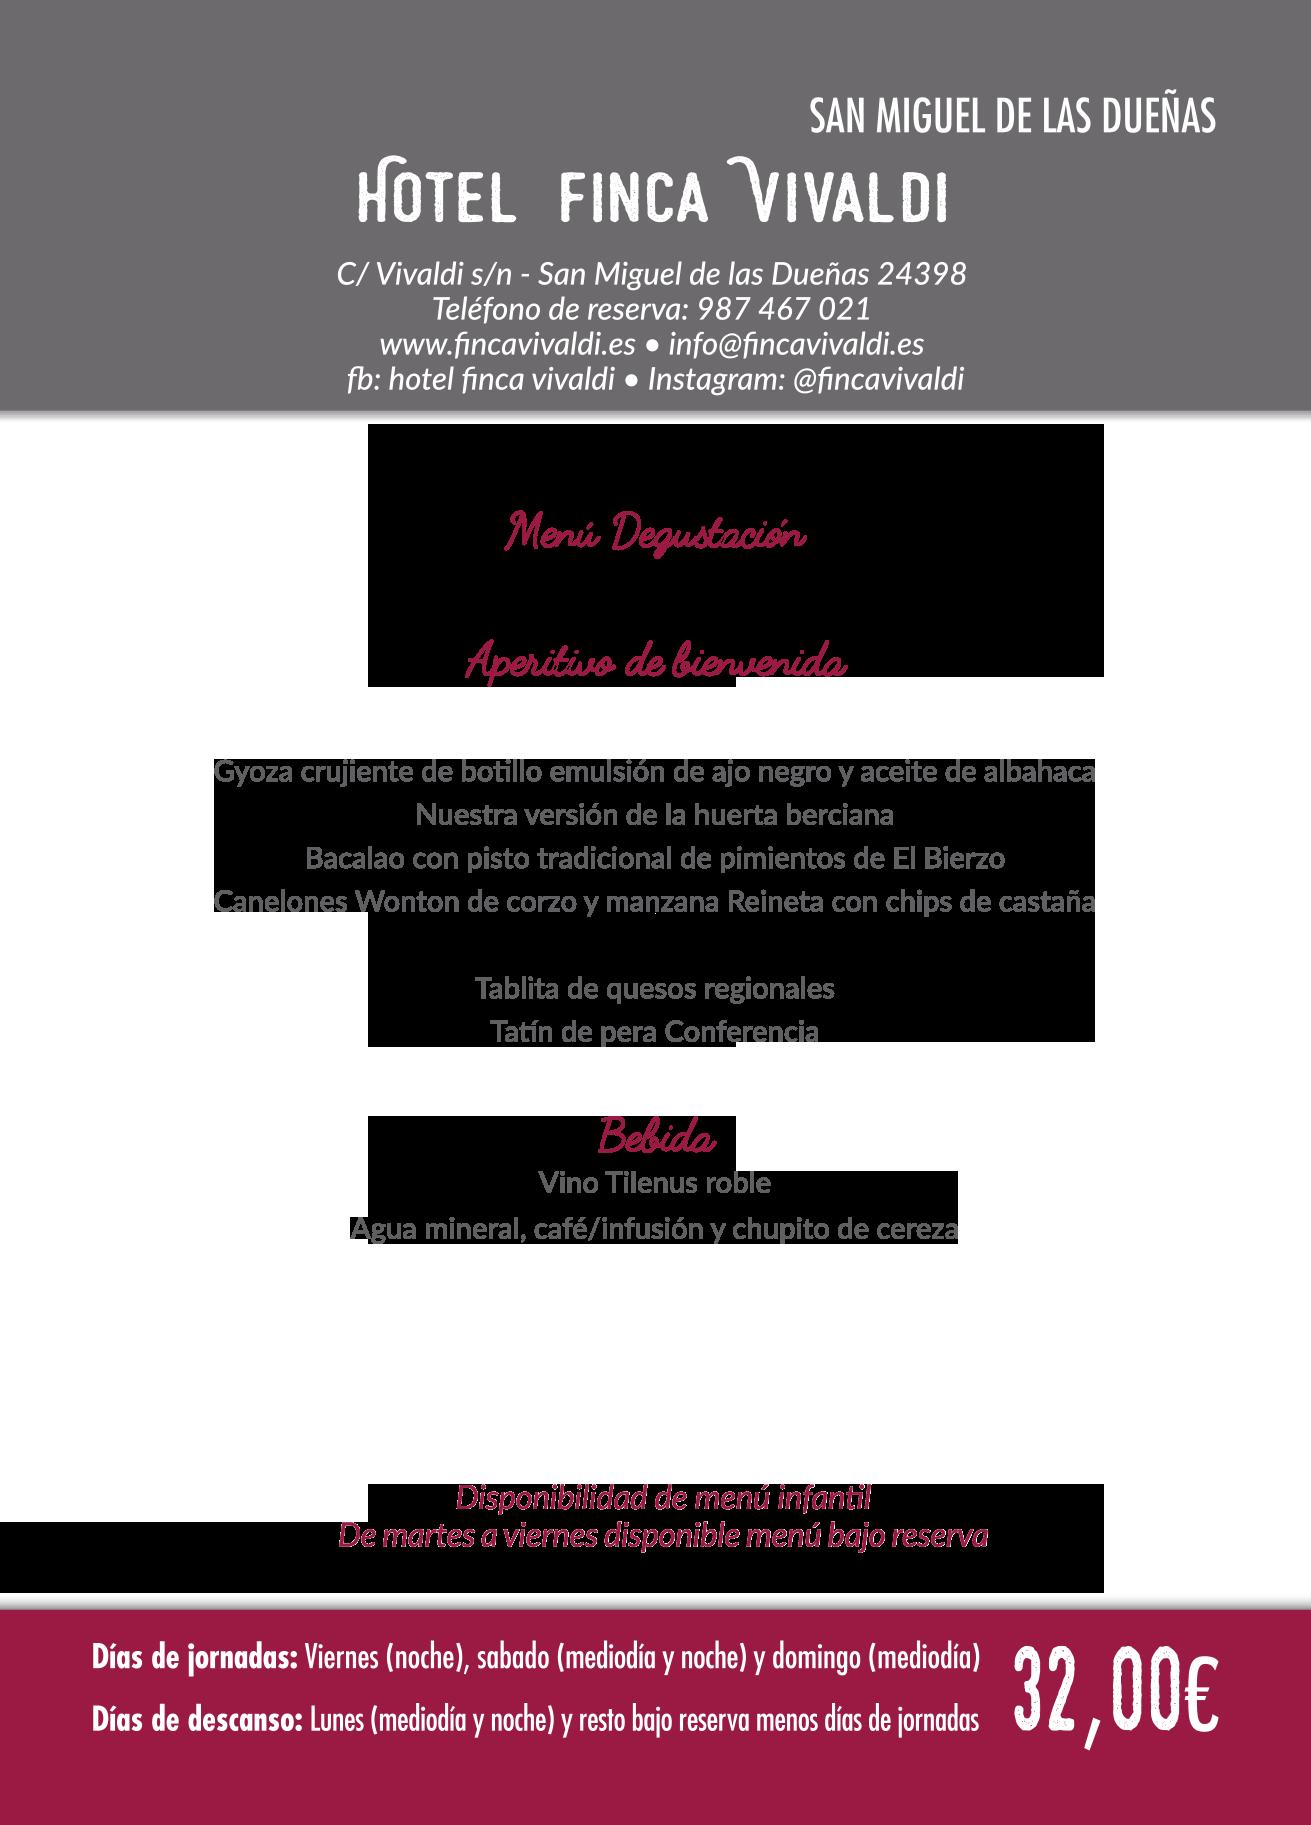 Las Jornadas Gastronómicas del Bierzo llegan a su 35 edición. Consulta los menús de esta edición 27